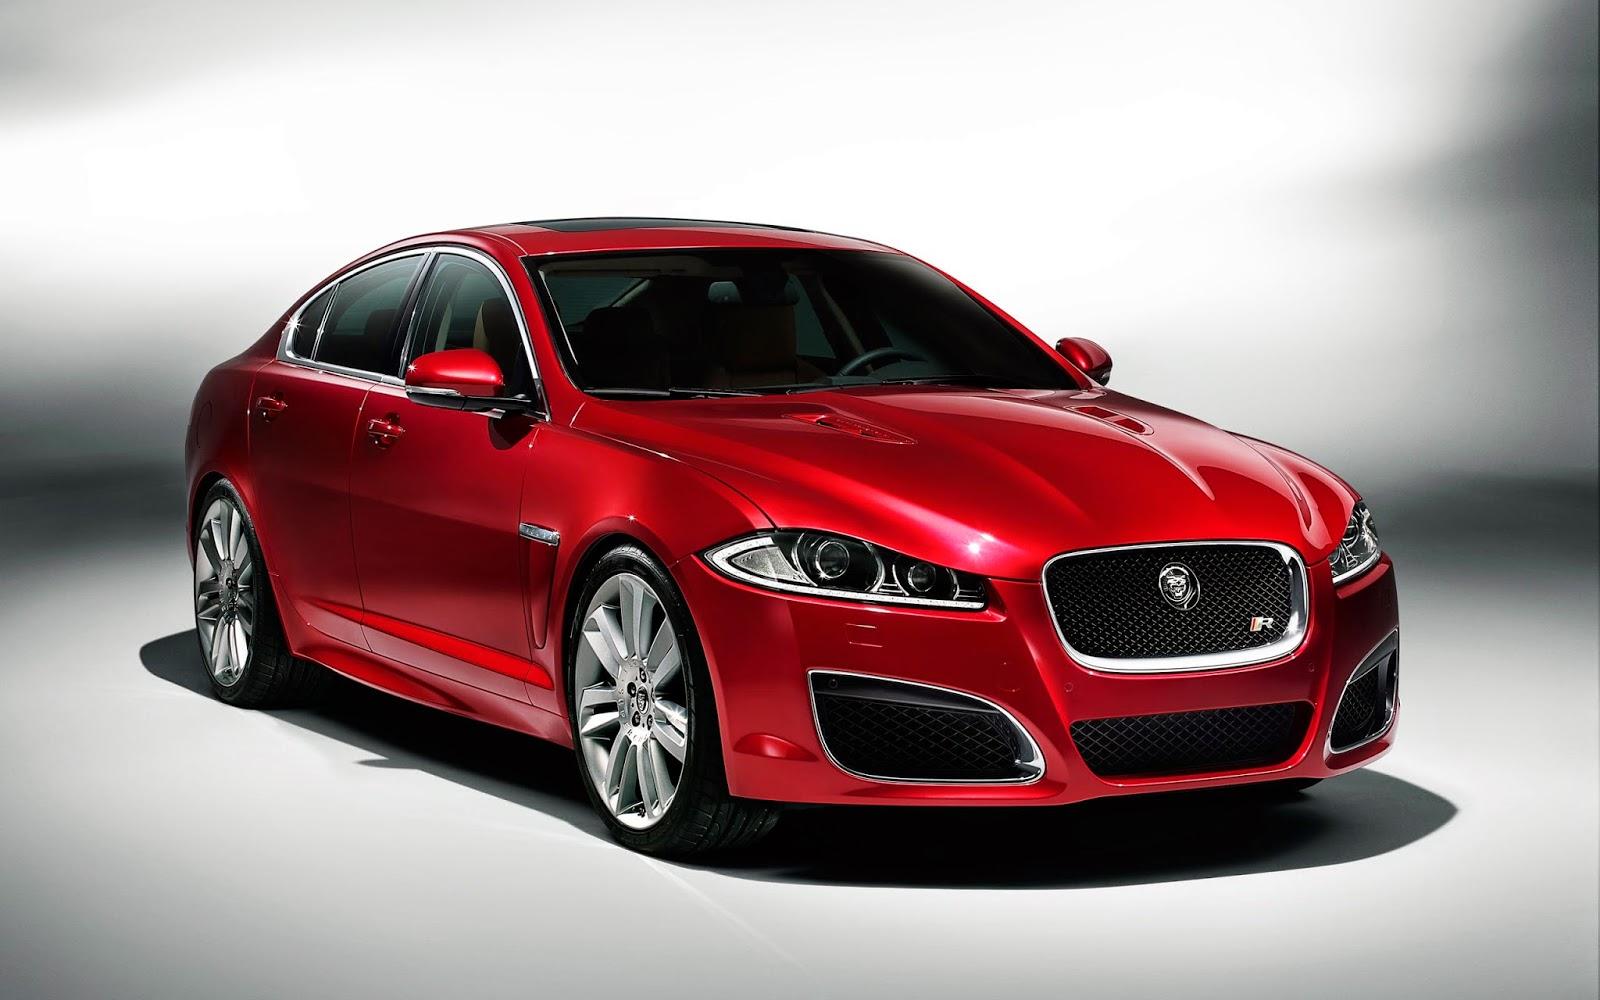 Jaguar Car Desktop HD Wallpapers, Jaguar Car Desktop HD Free Wallpapers, Jaguar  Car Desktop HD Images, Jaguar Car Desktop High Defination Wallpapers, ...